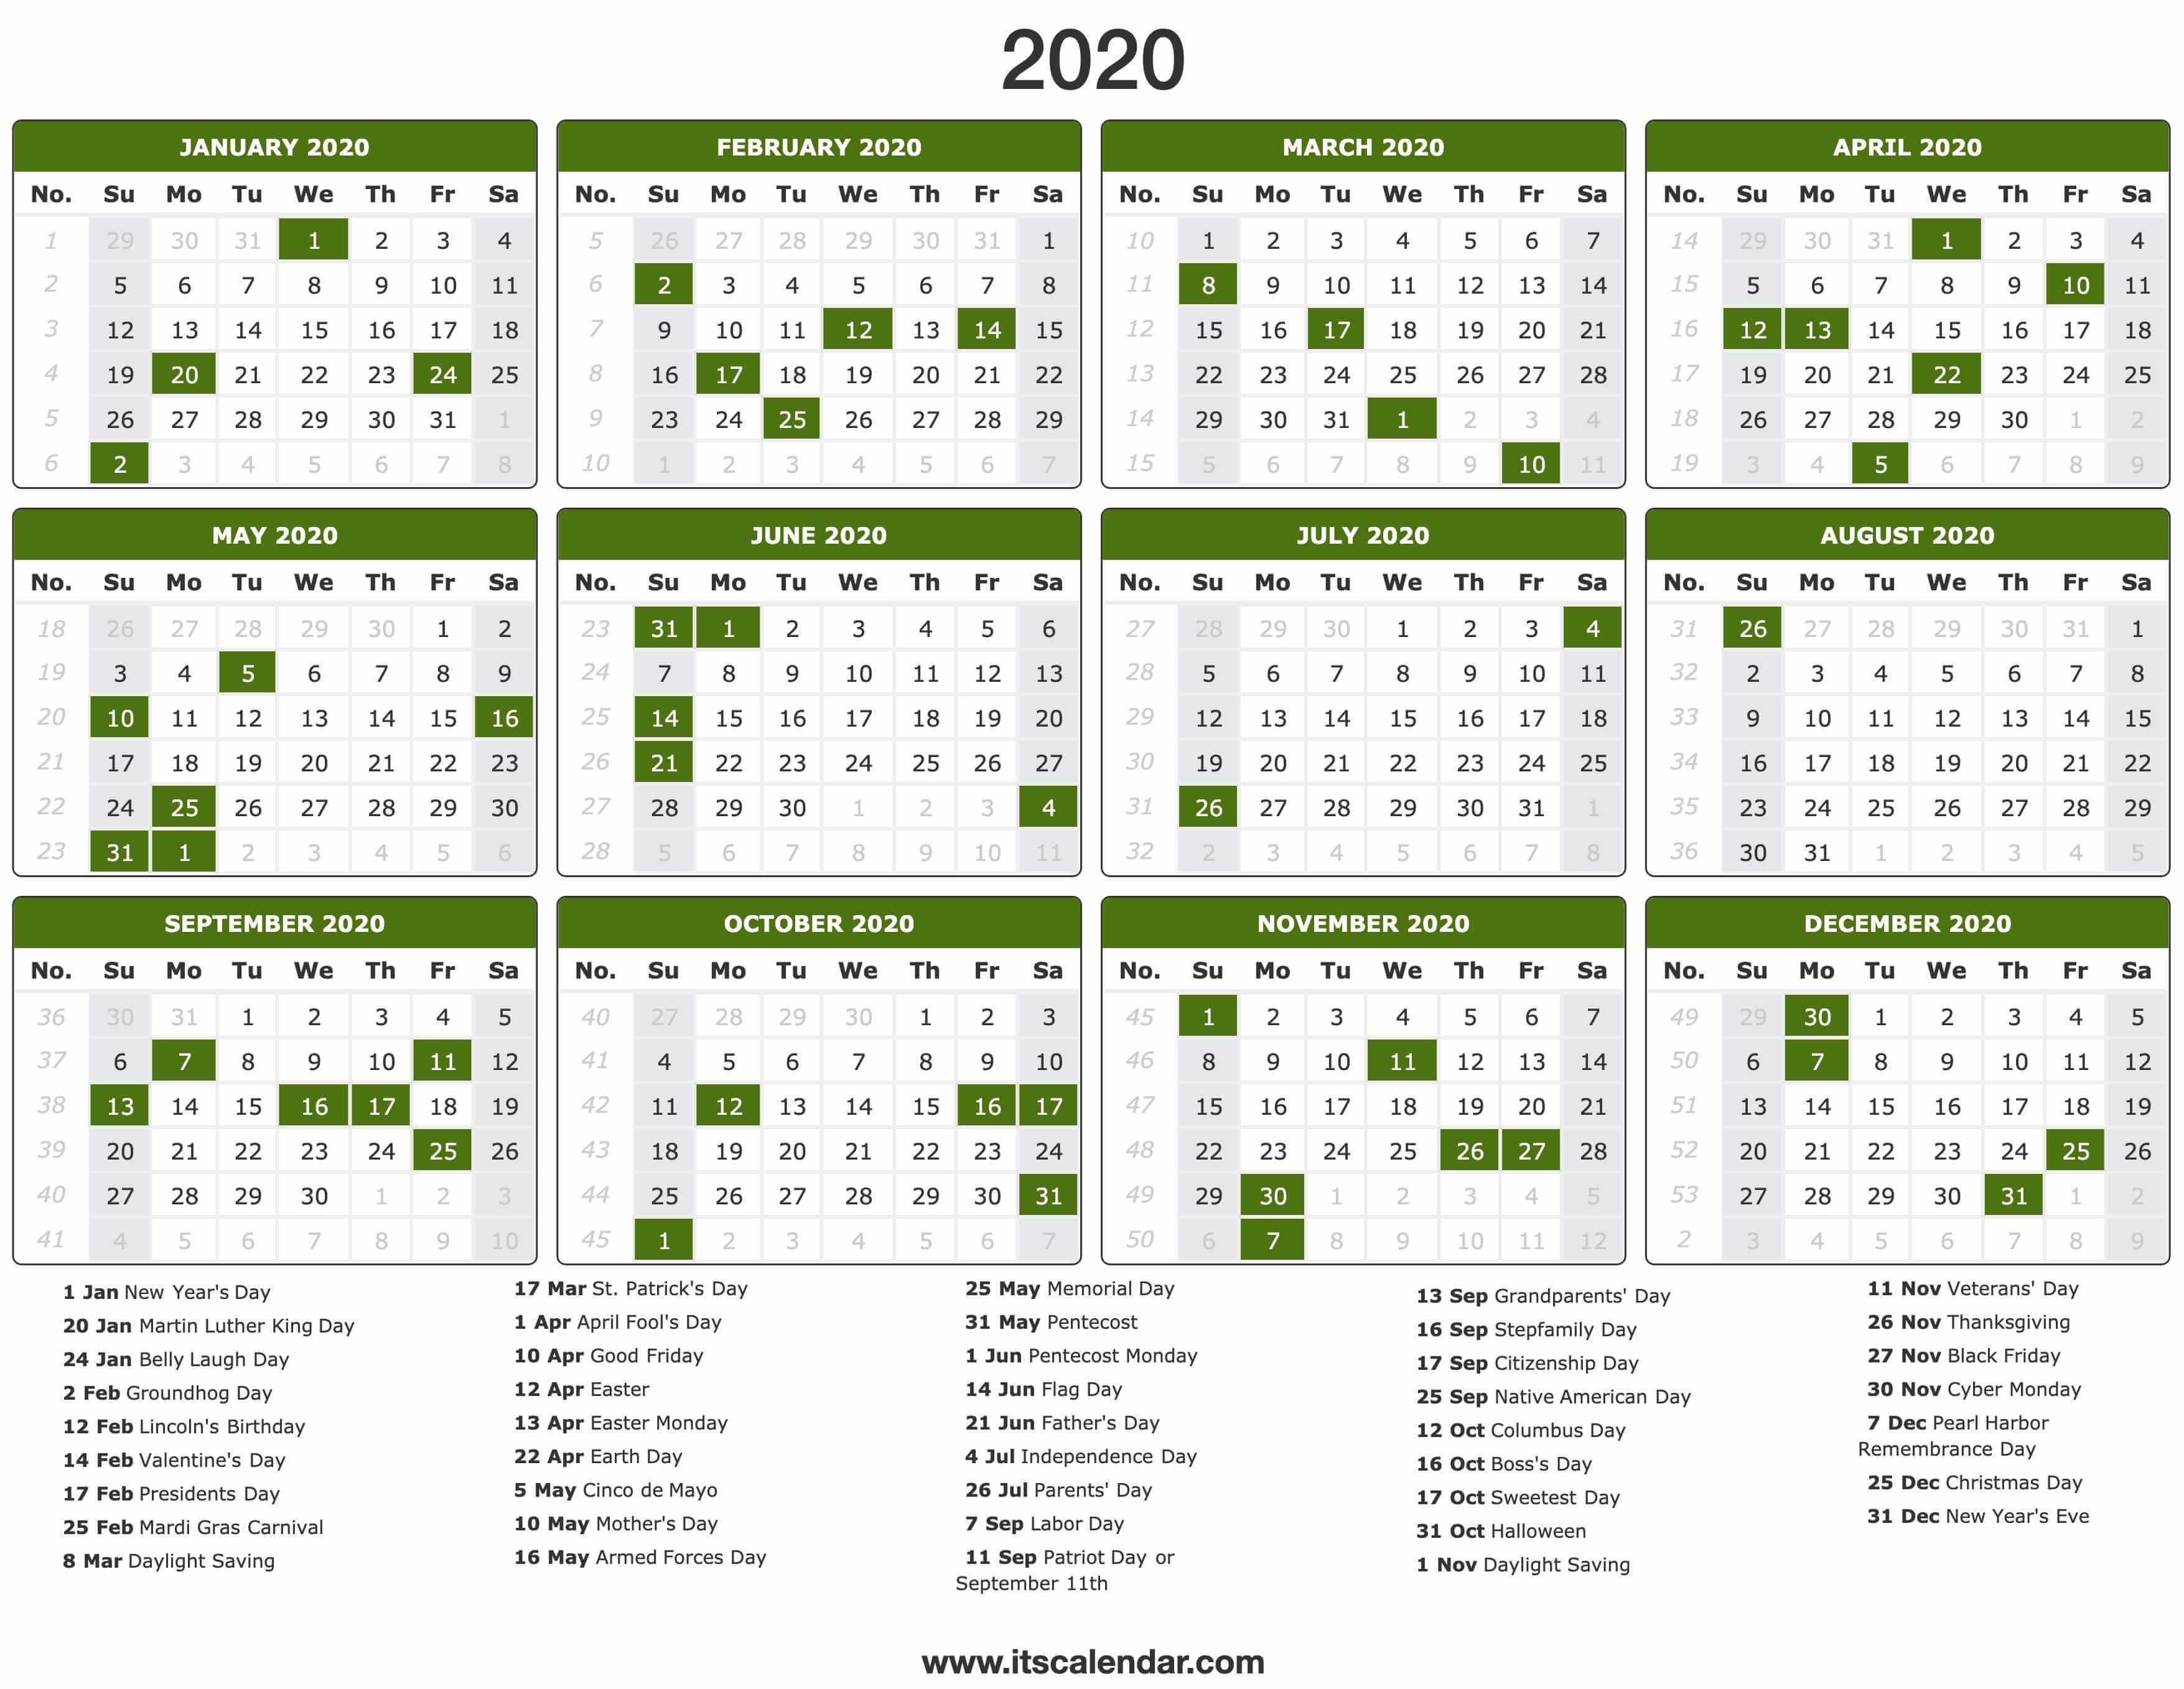 30 Day Calendar 2020 - Wpa.wpart.co